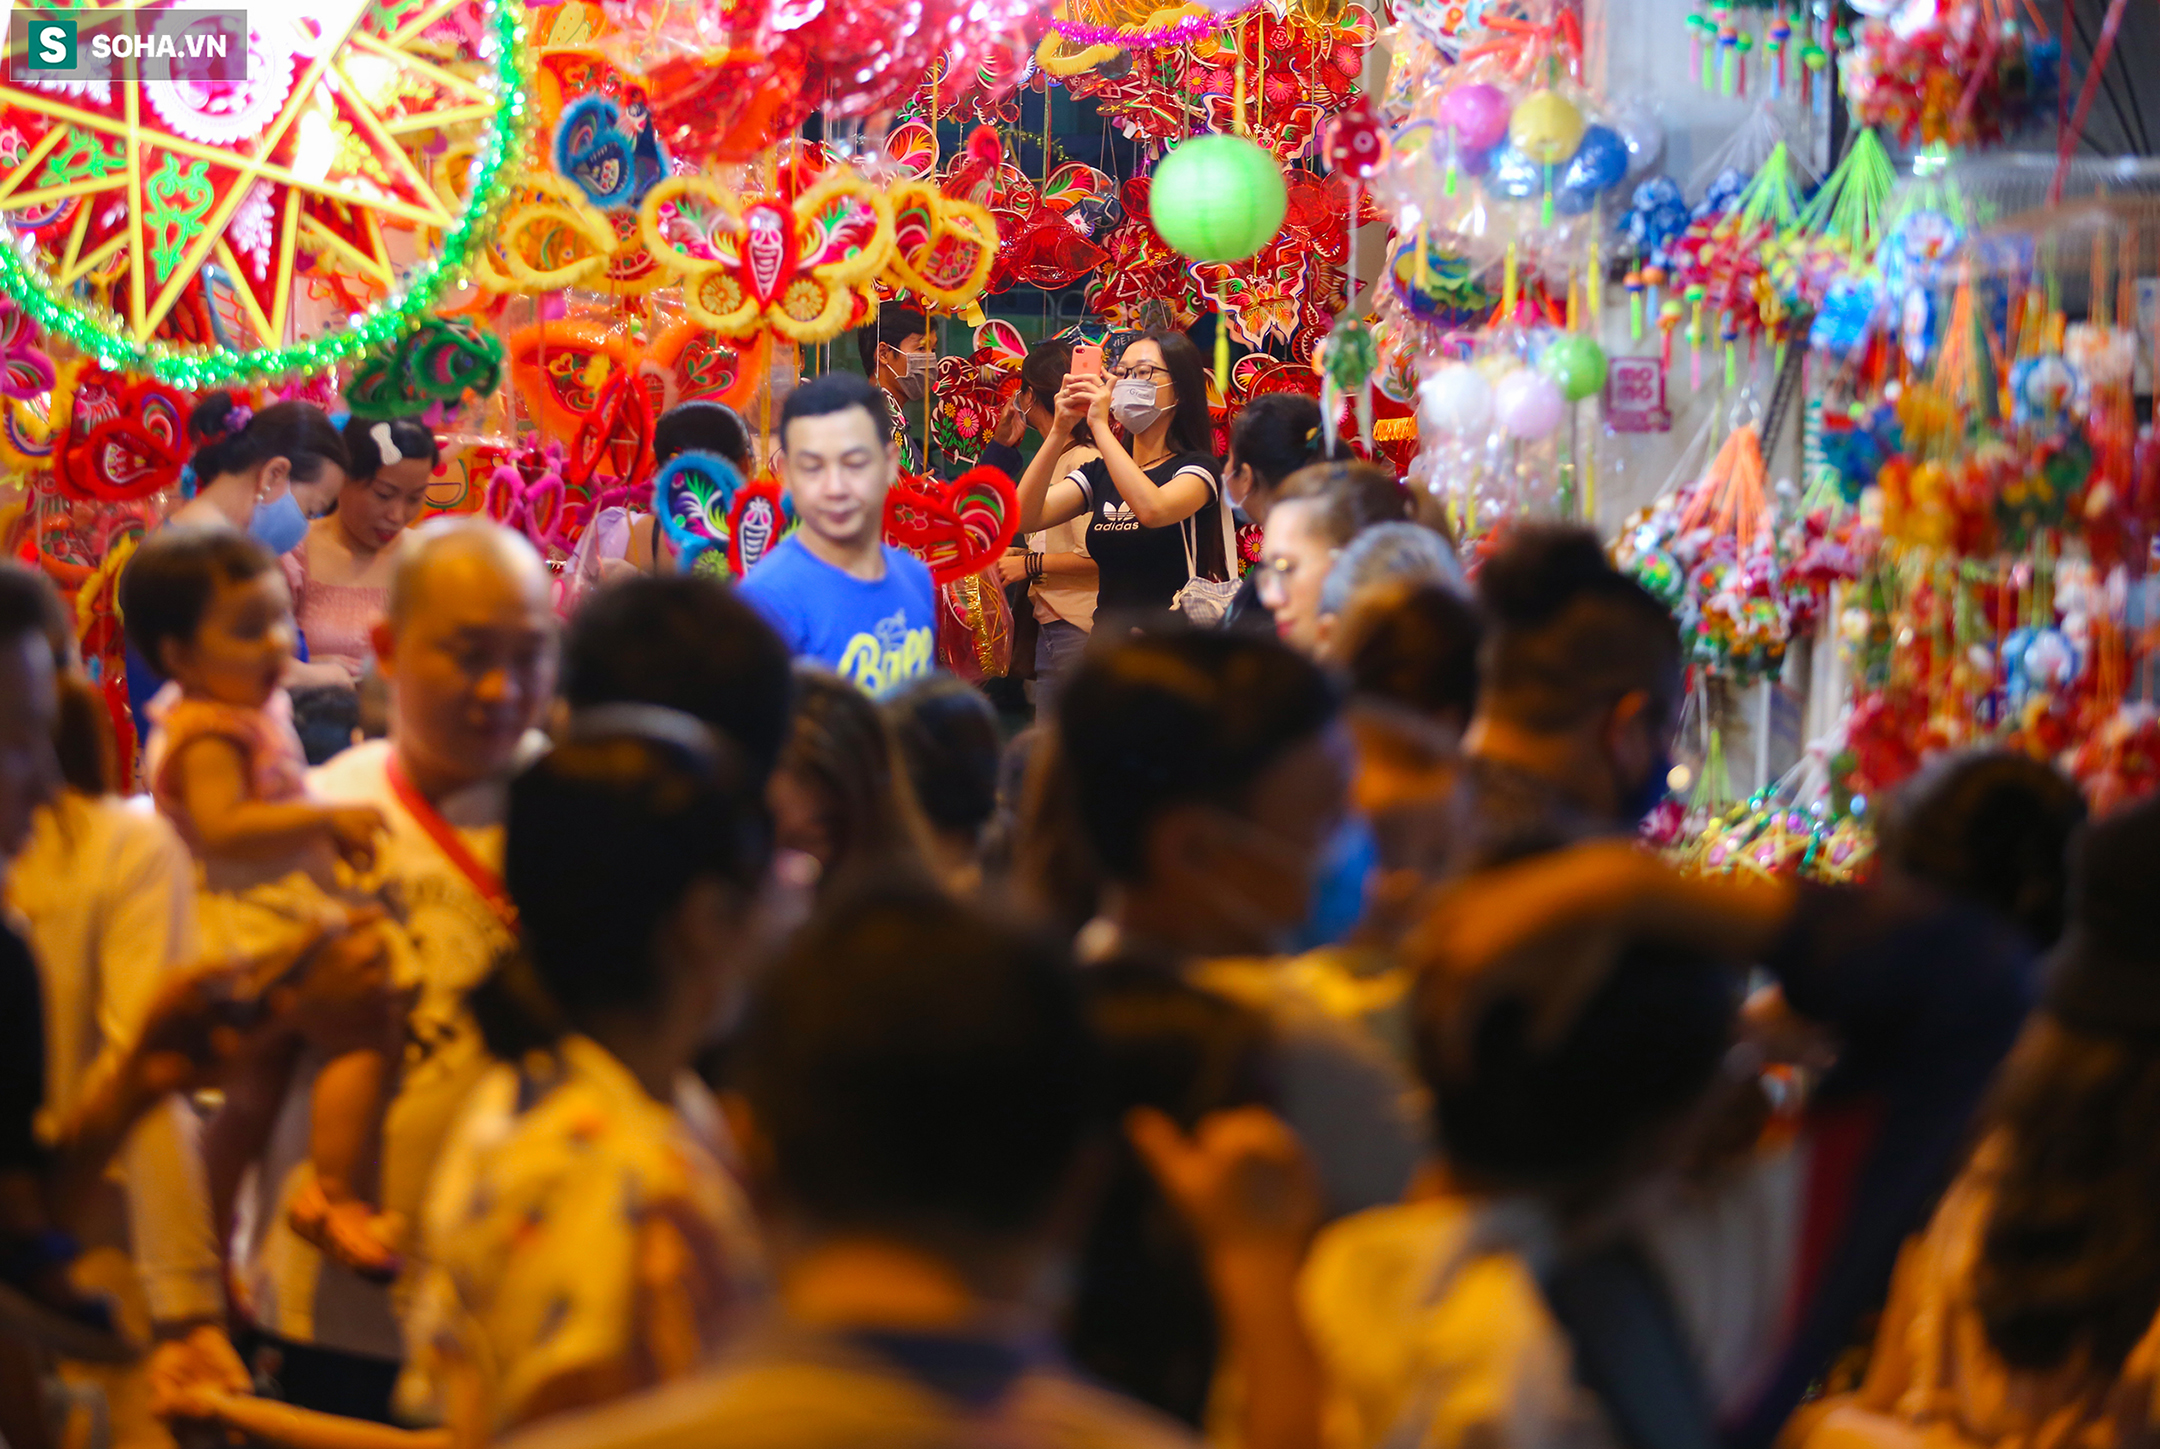 Chỉ còn vài ngày nữa là tới Trung thu, phố đèn lồng trên đường Lương Nhữ Học (quận 5, TP.HCM) trở nên đông đúc, nhộn nhịp hơn khi người dân đổ về mua sắm, check-in.